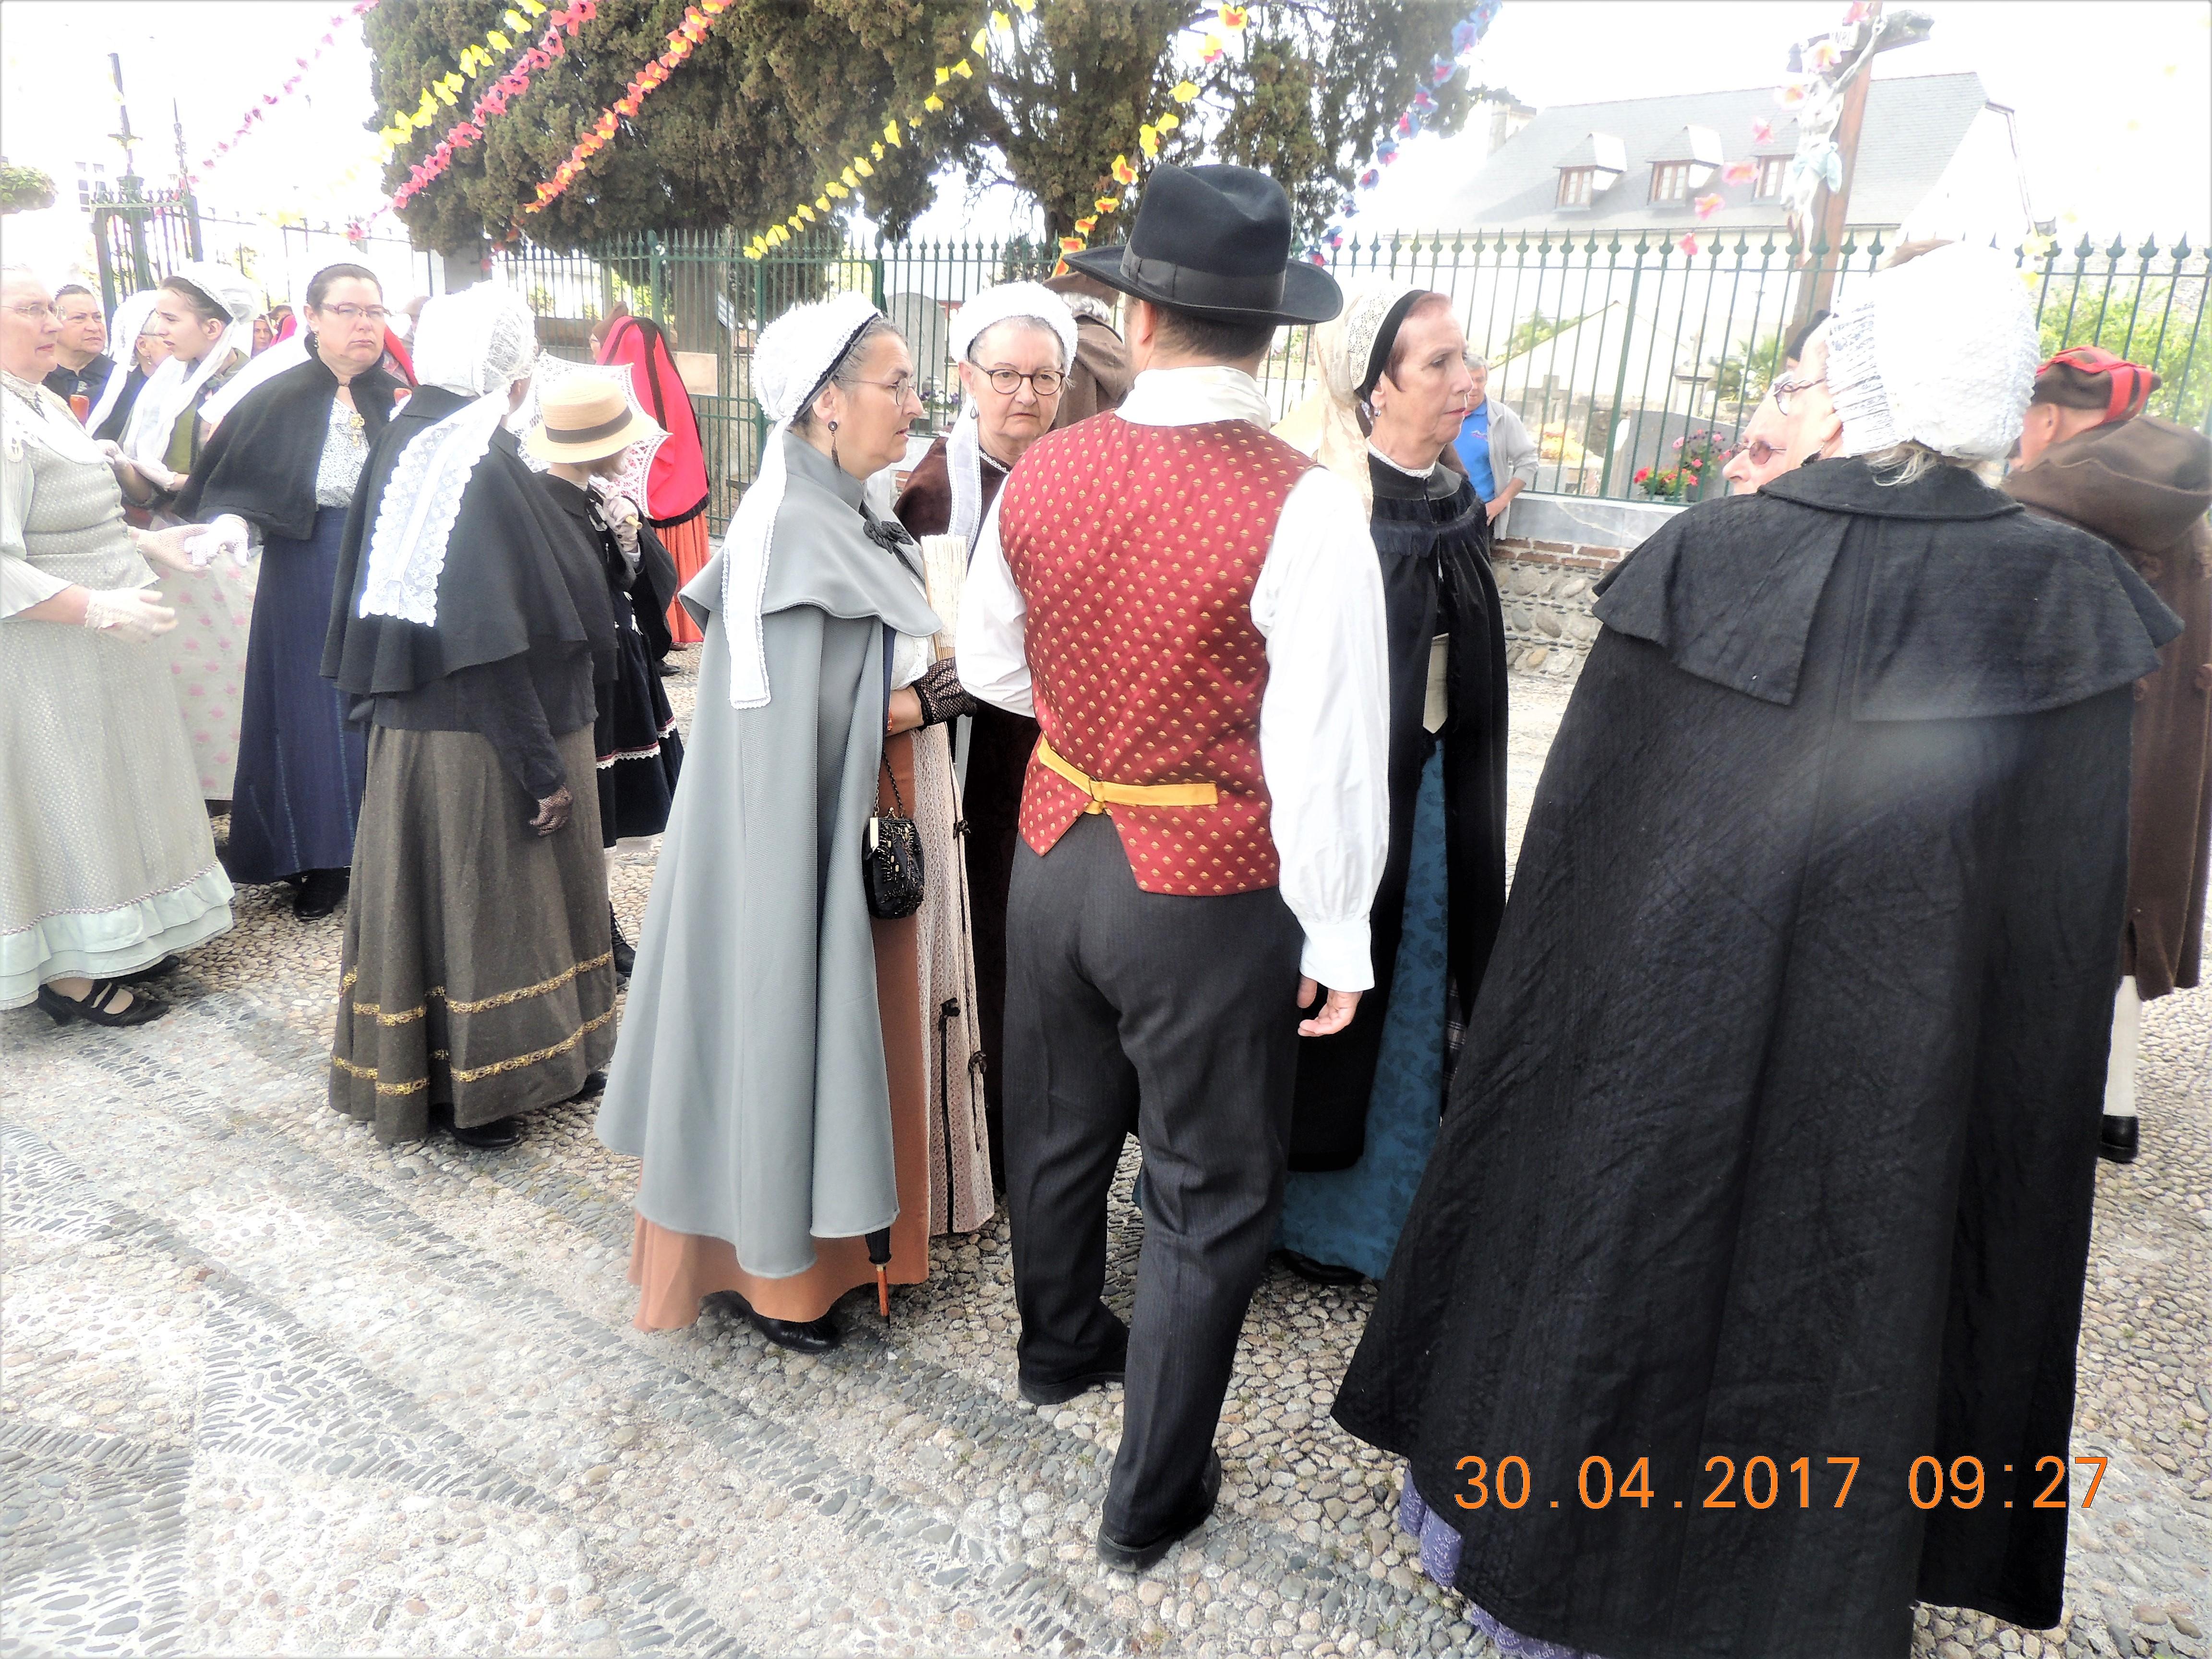 Les Martrêches Tholusiennes au Thou Rencontre groupe ETHS ESCLOPS Avril 2017